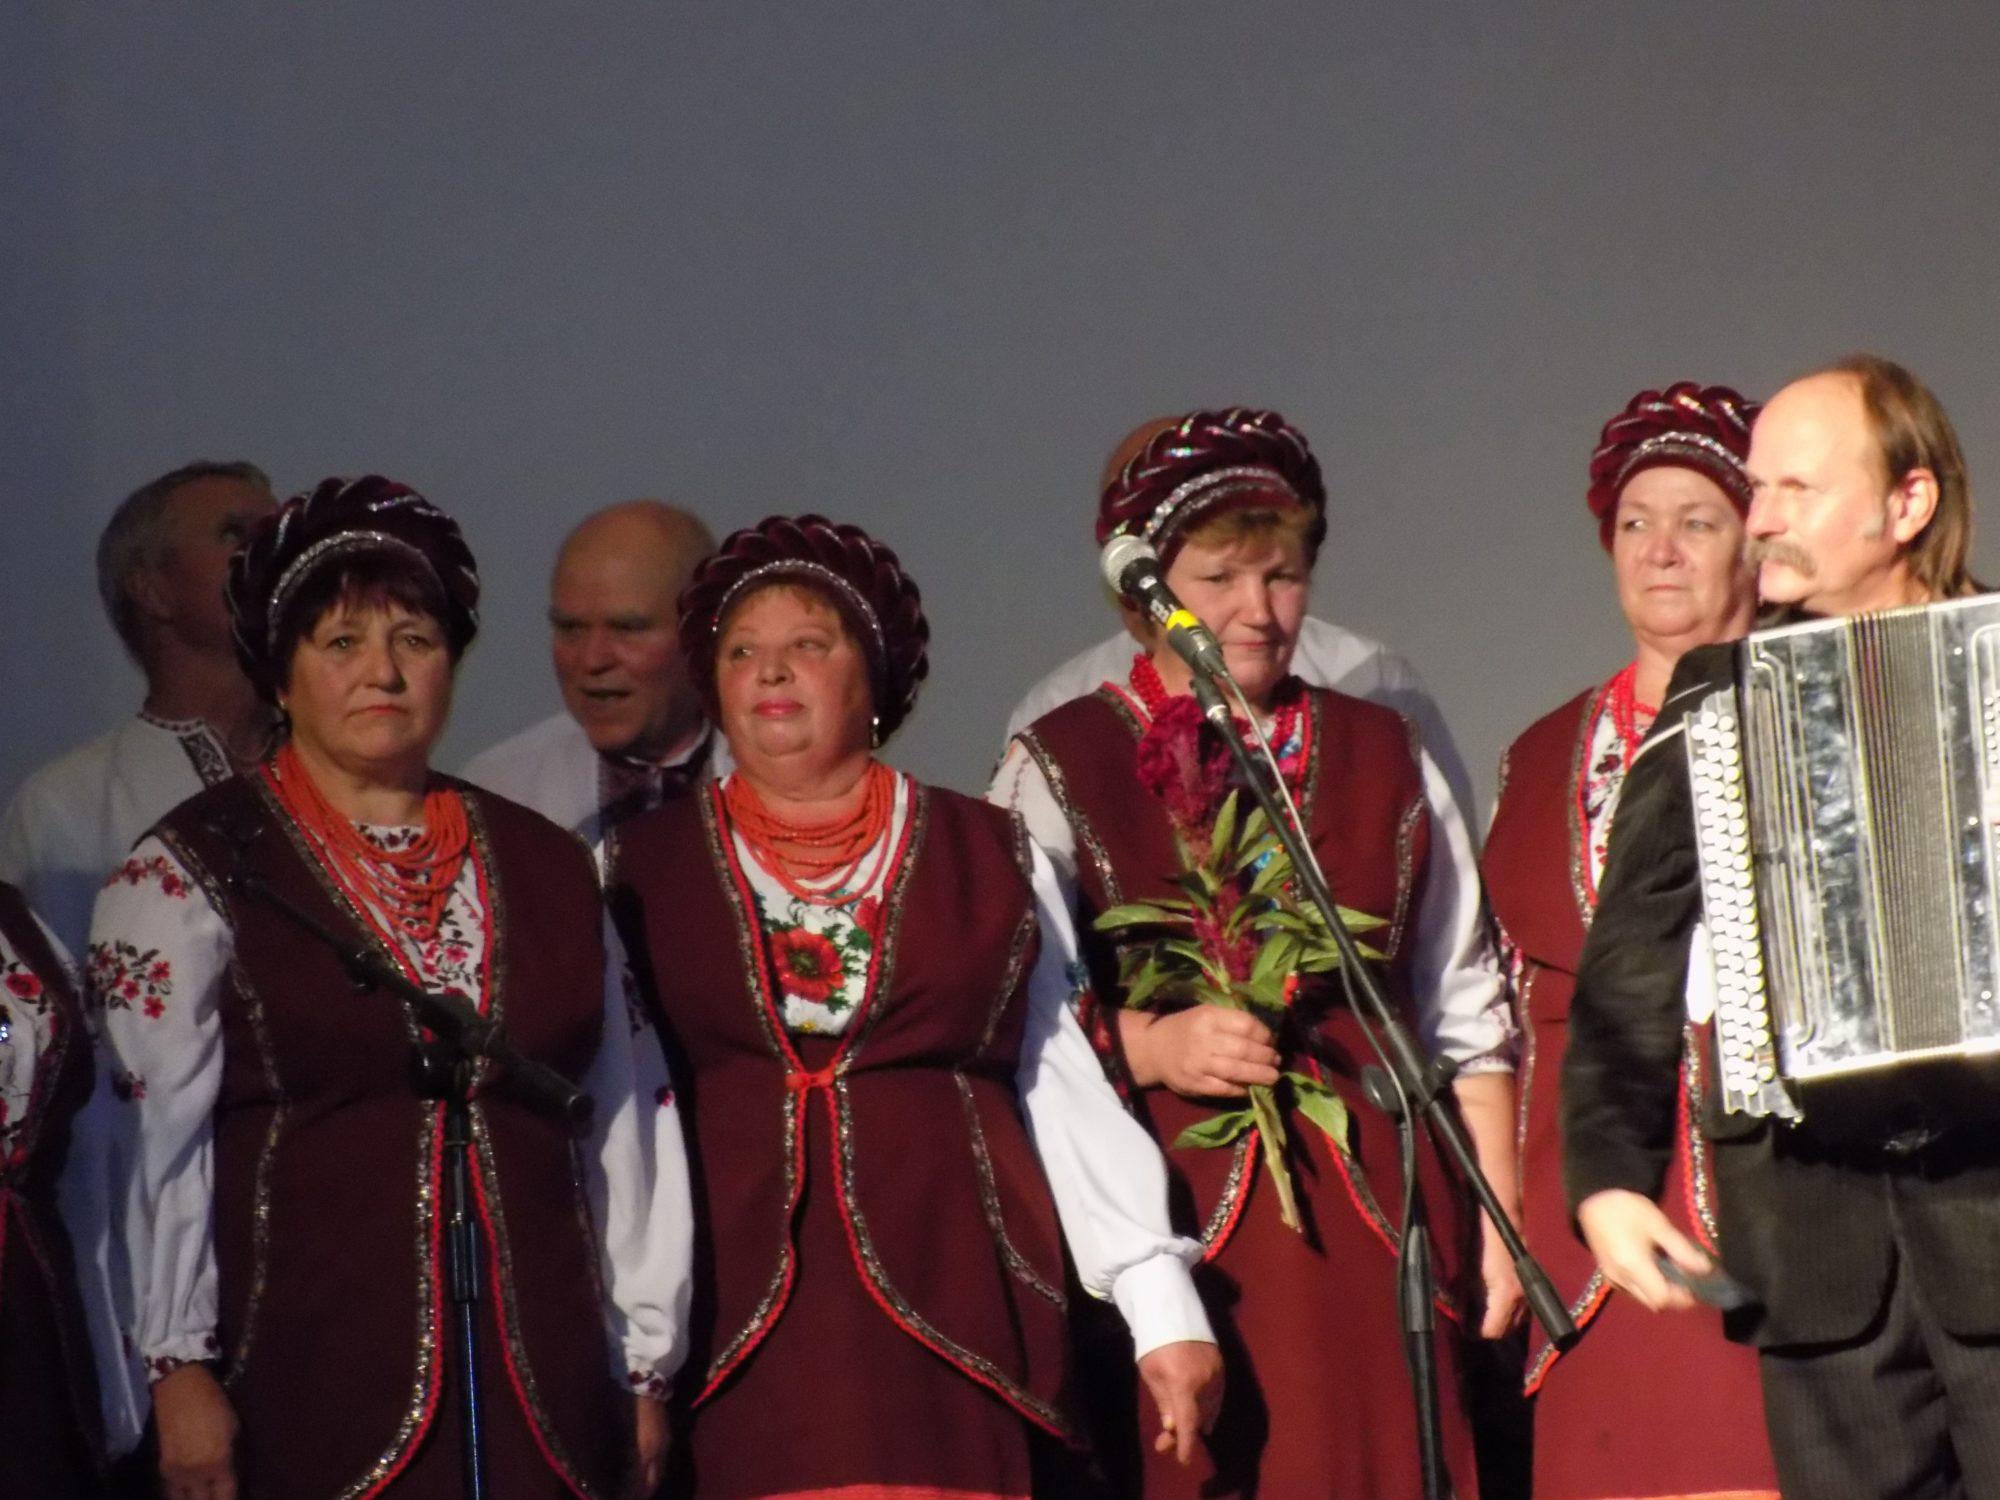 """Пісенний колектив """"Криниця"""" ― гордість Гостомеля - Культура - 21 1 2000x1500"""